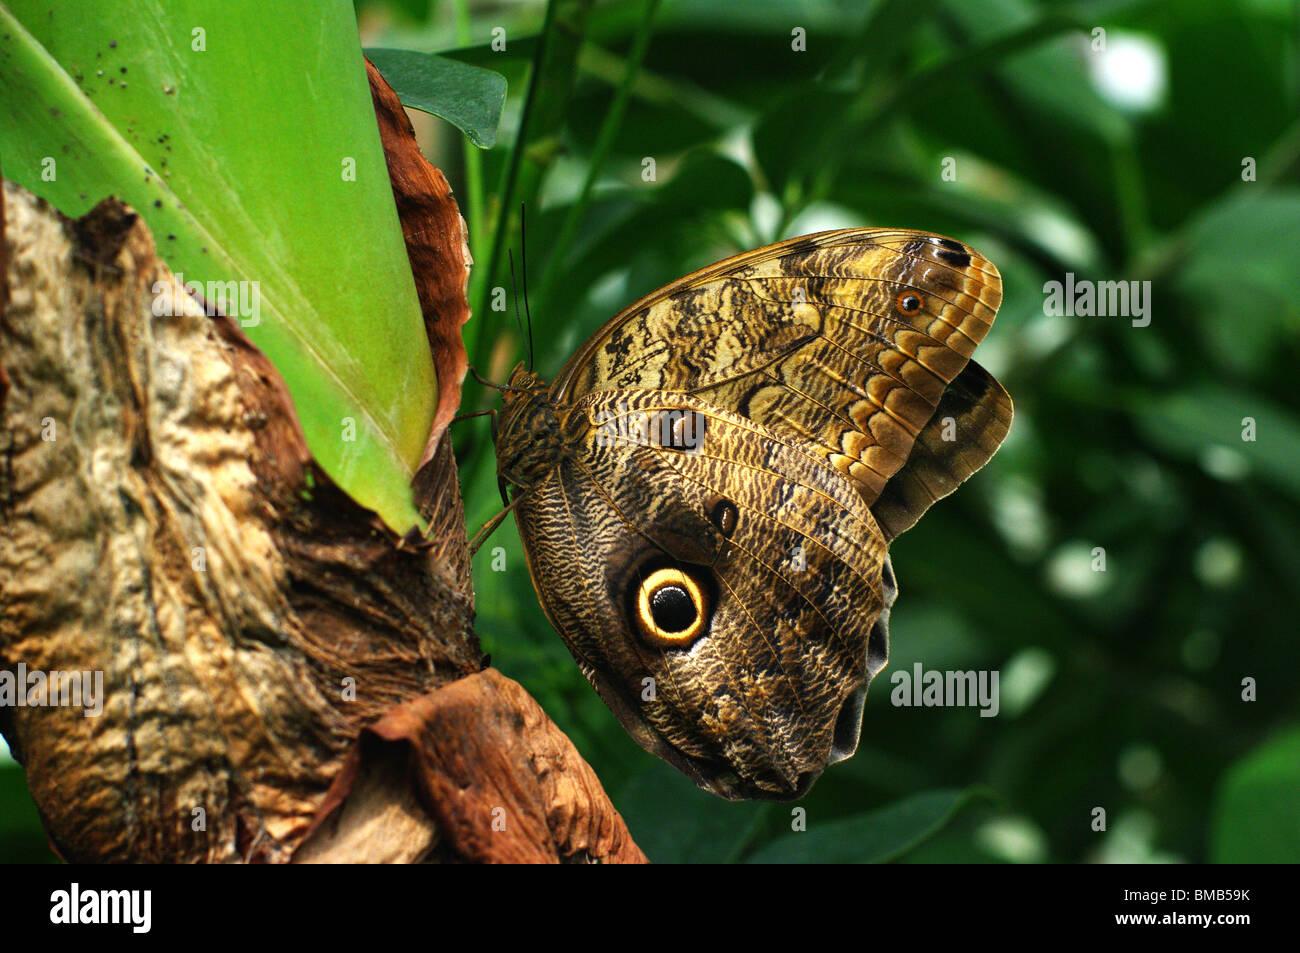 Farfalla Caligo sp. in ambiente tropicale in appoggio sul tronco Immagini Stock